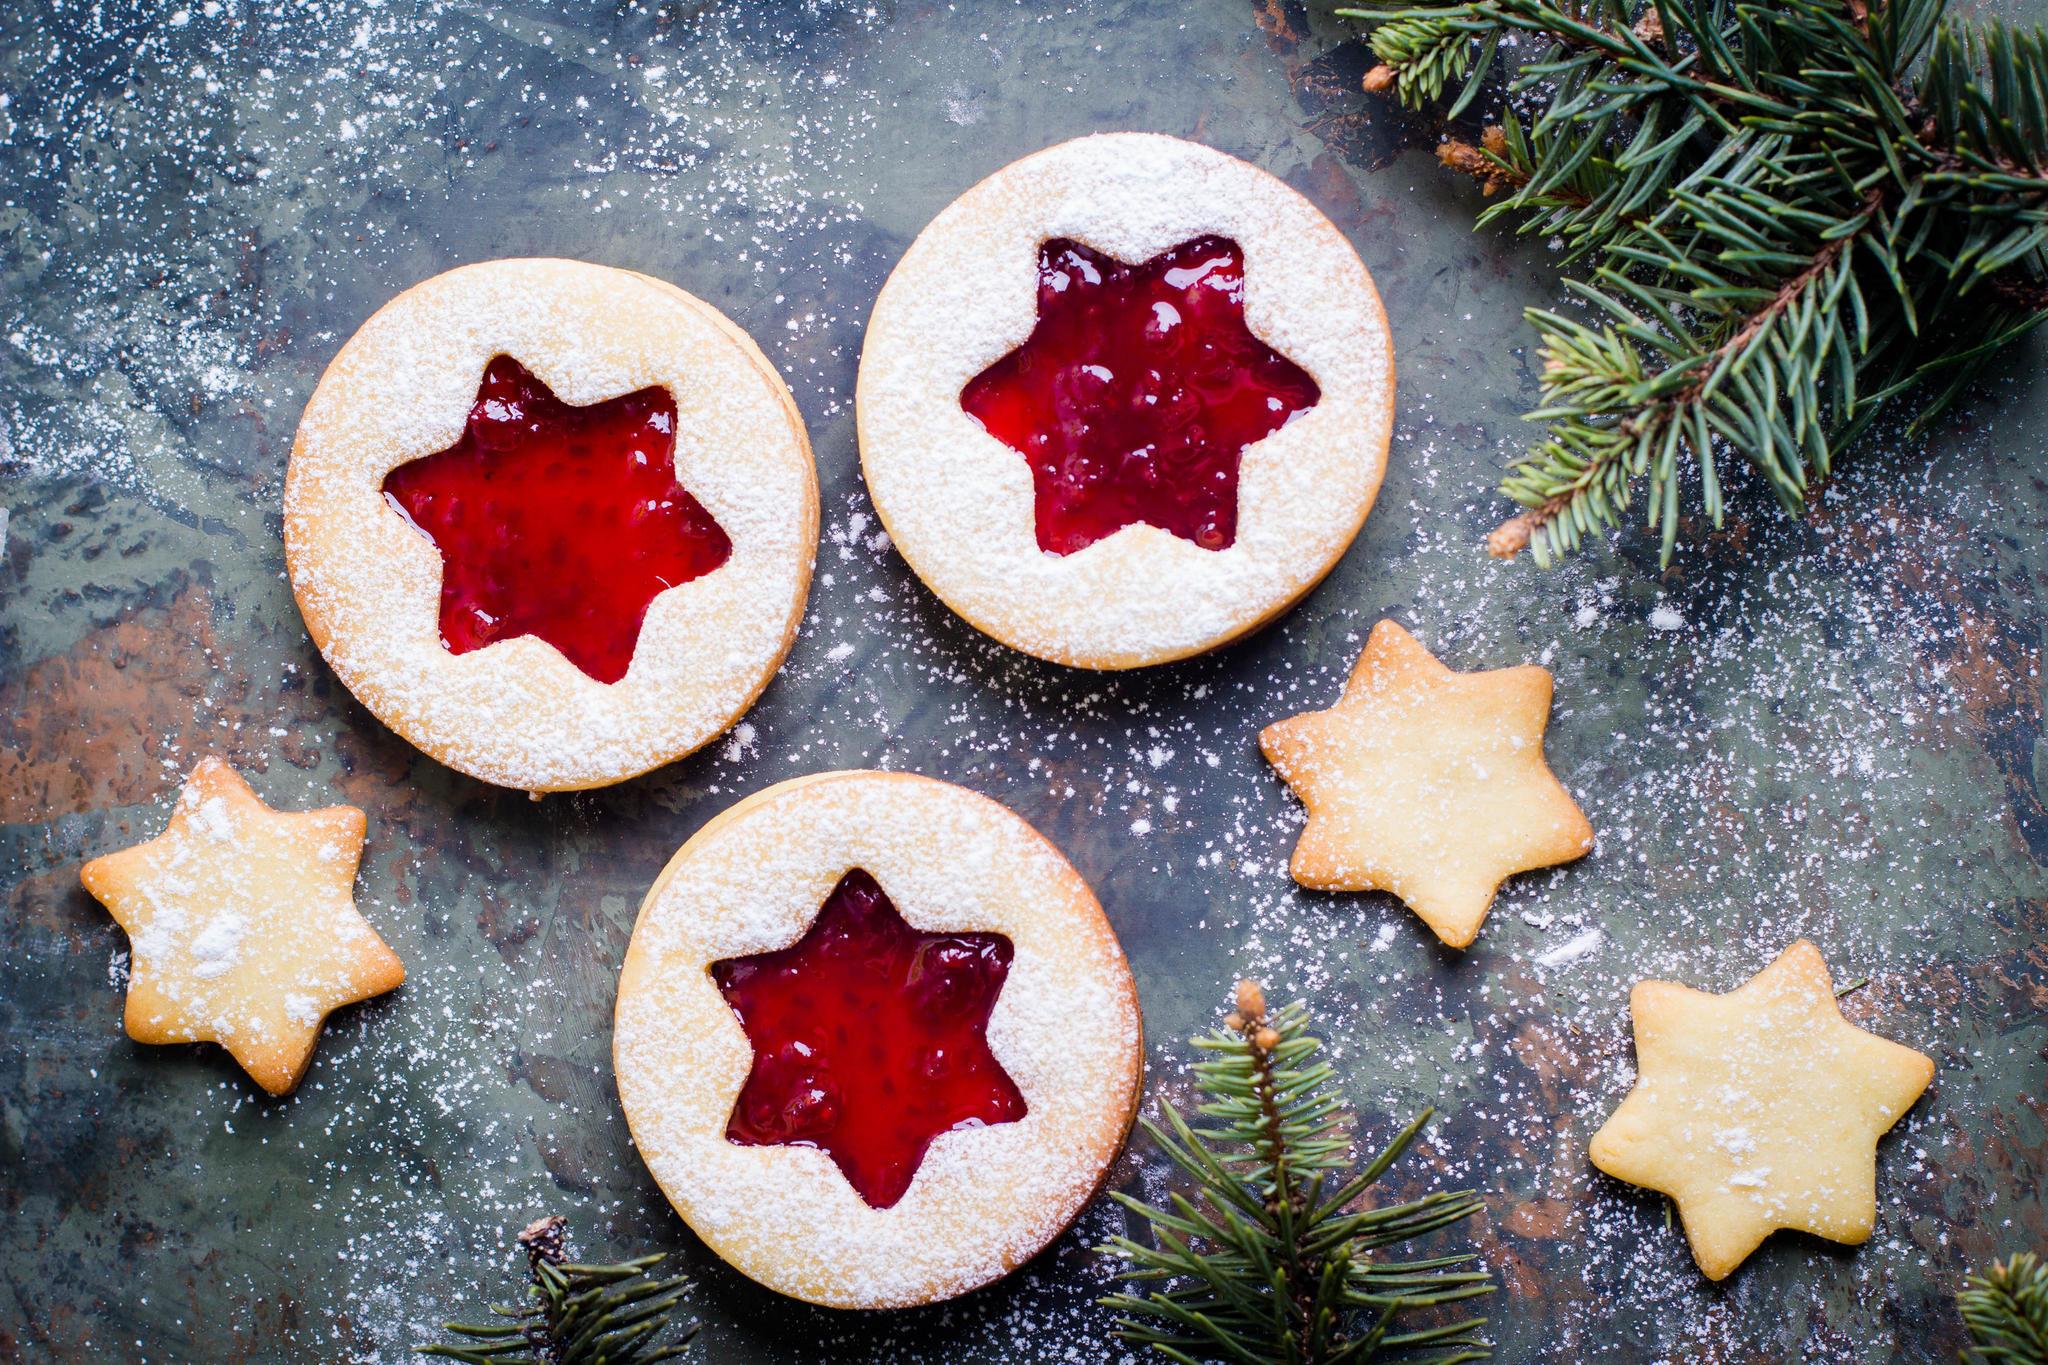 Weihnachtsplätzchen Teig Zum Ausstechen.Linzer Plätzchen Das Beste Rezept